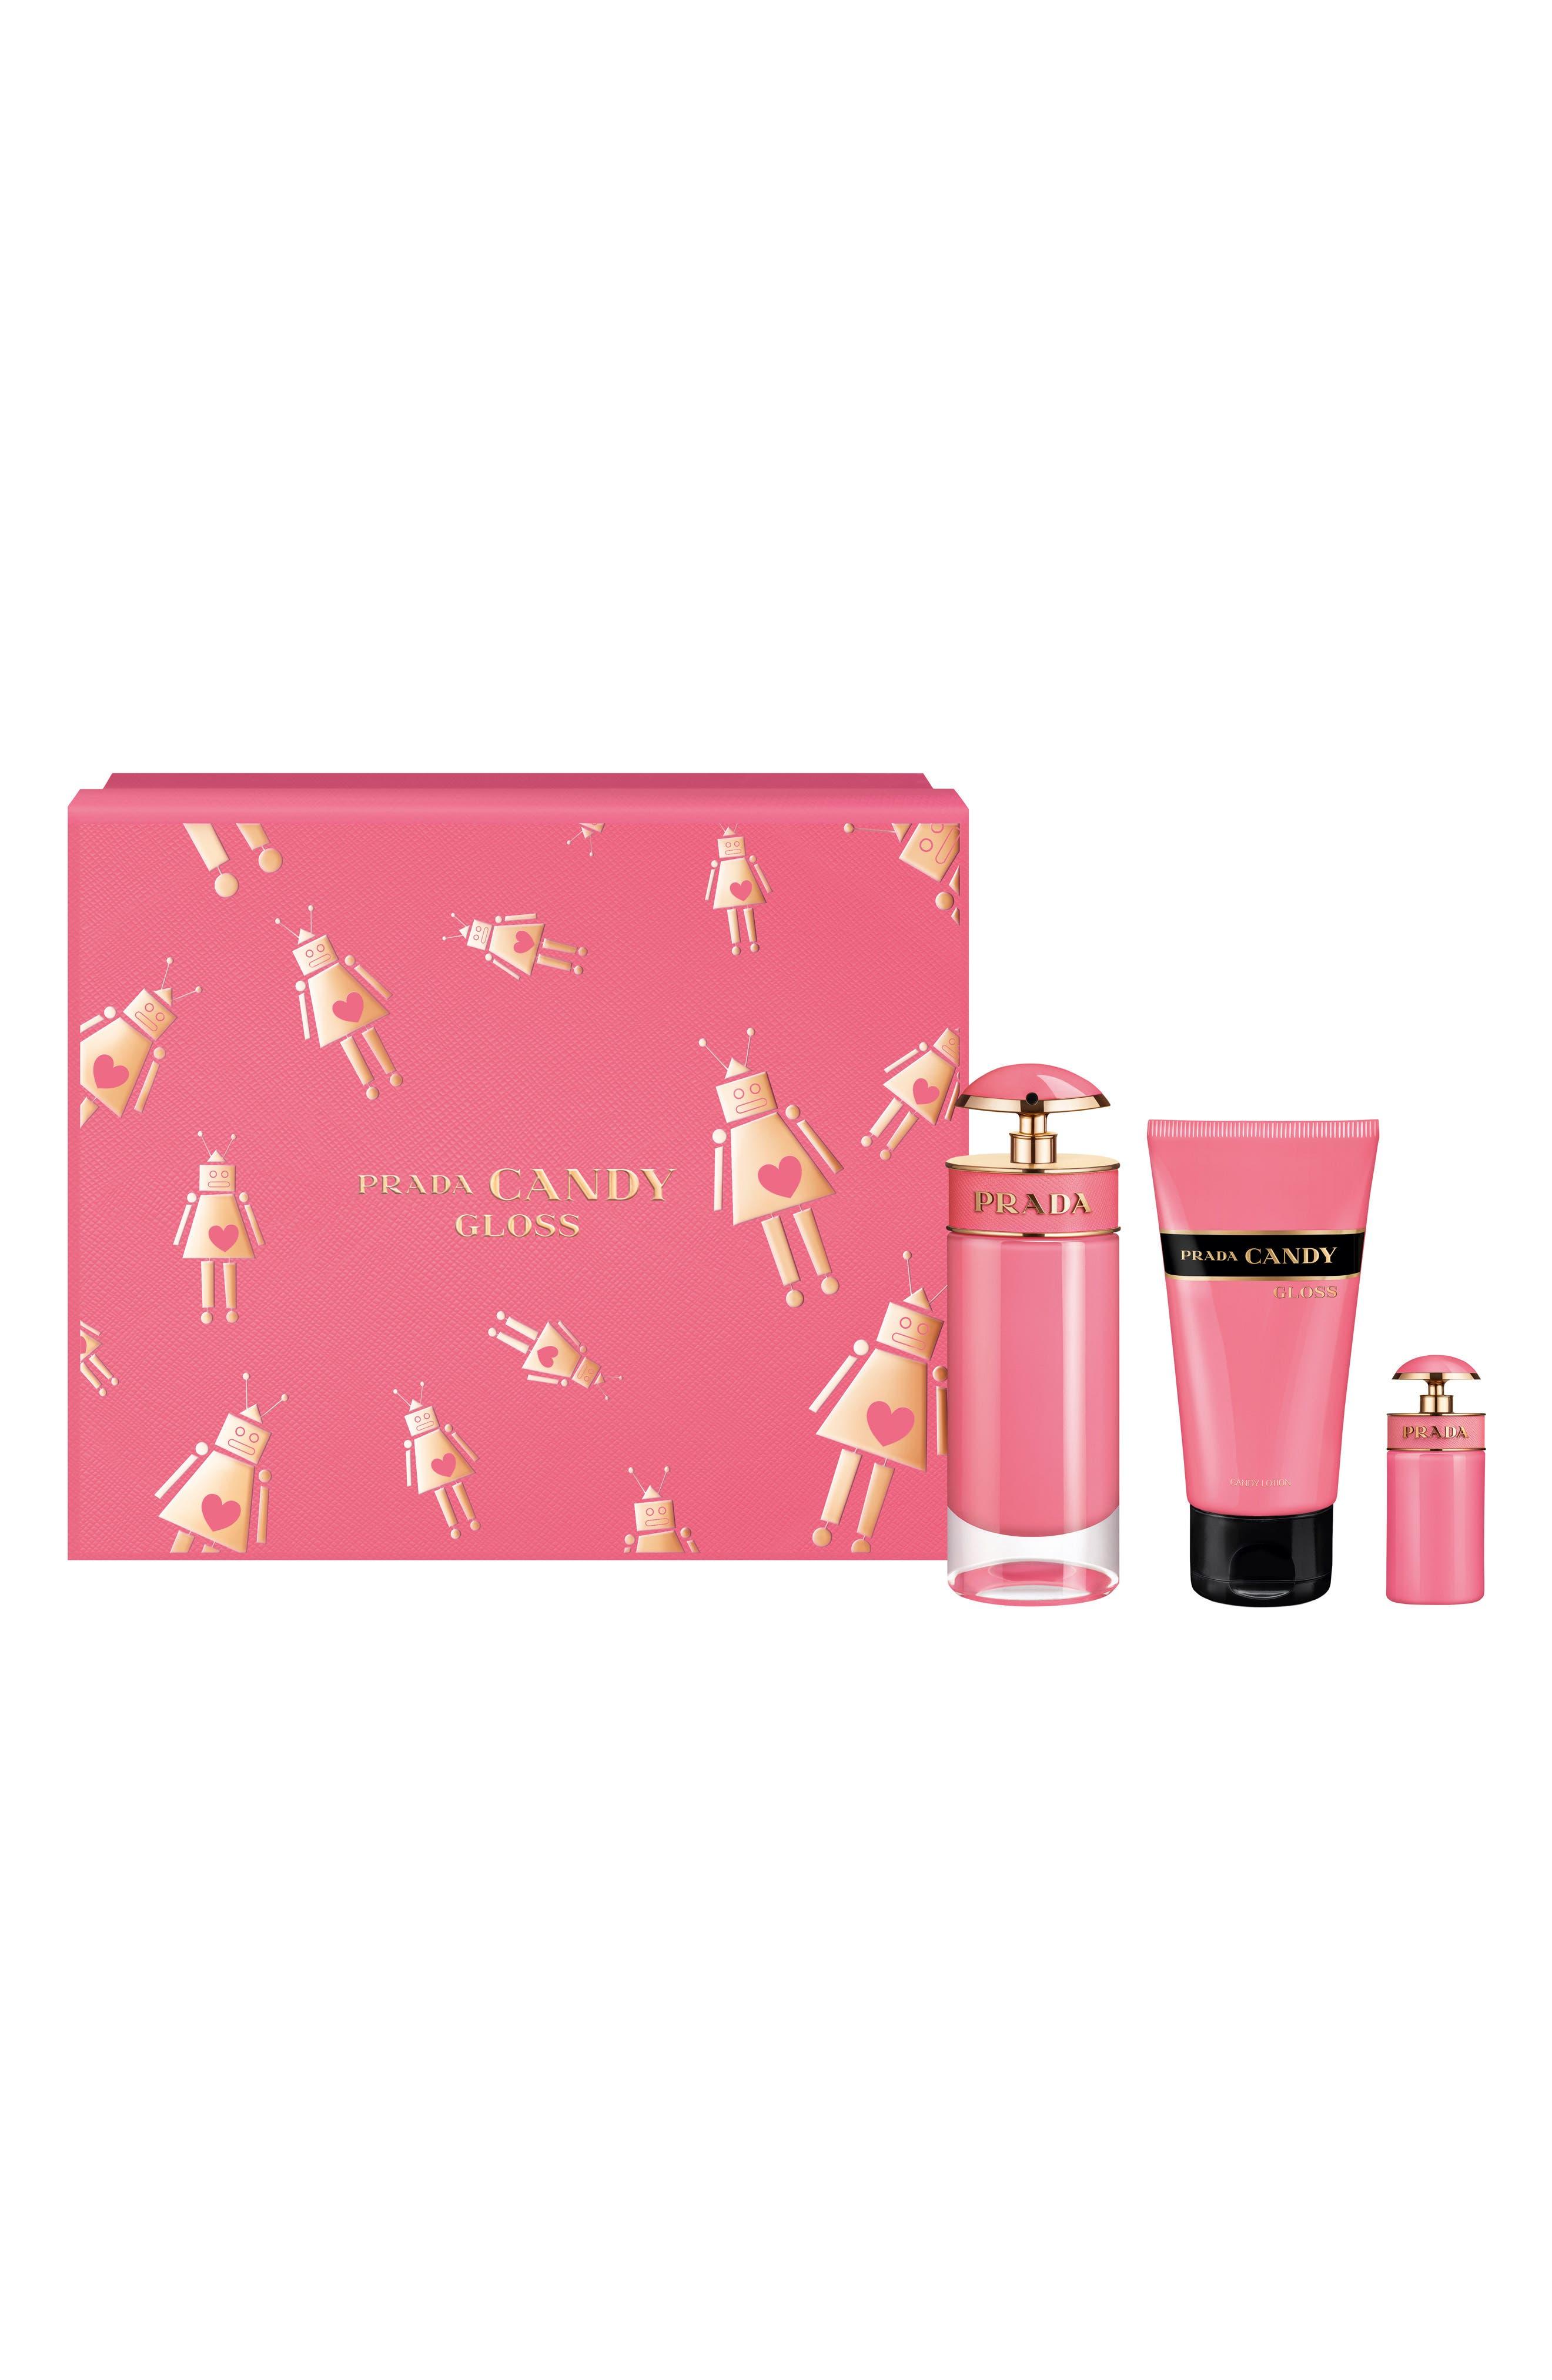 Main Image - Prada Candy Gloss Set ($152 Value)